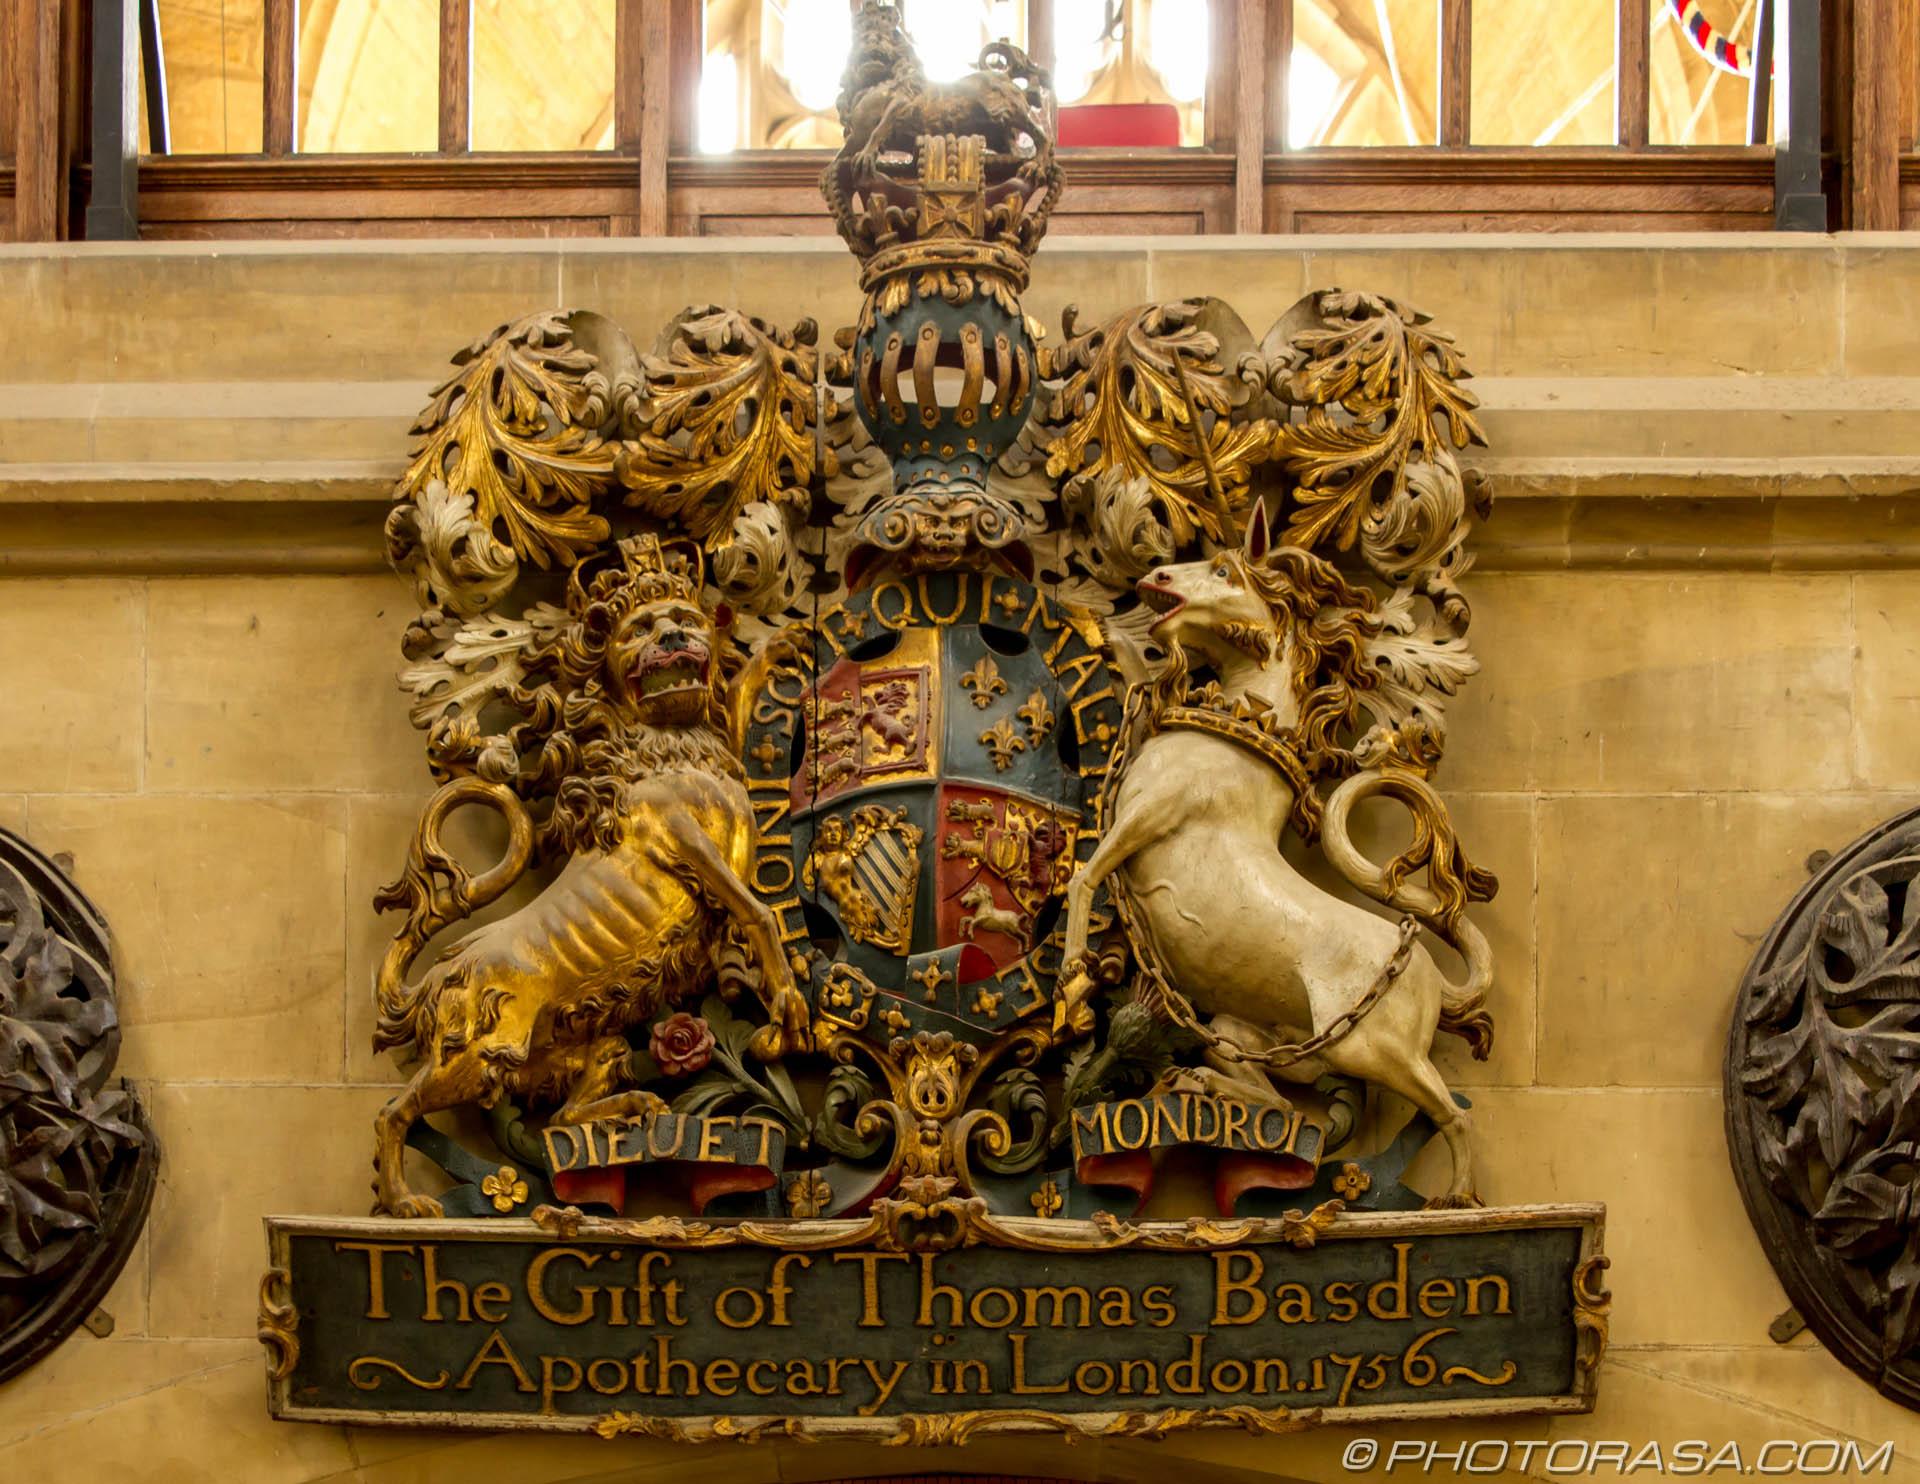 https://photorasa.com/st-dunstans-church-cranbrook/heraldic-wooden-carving/